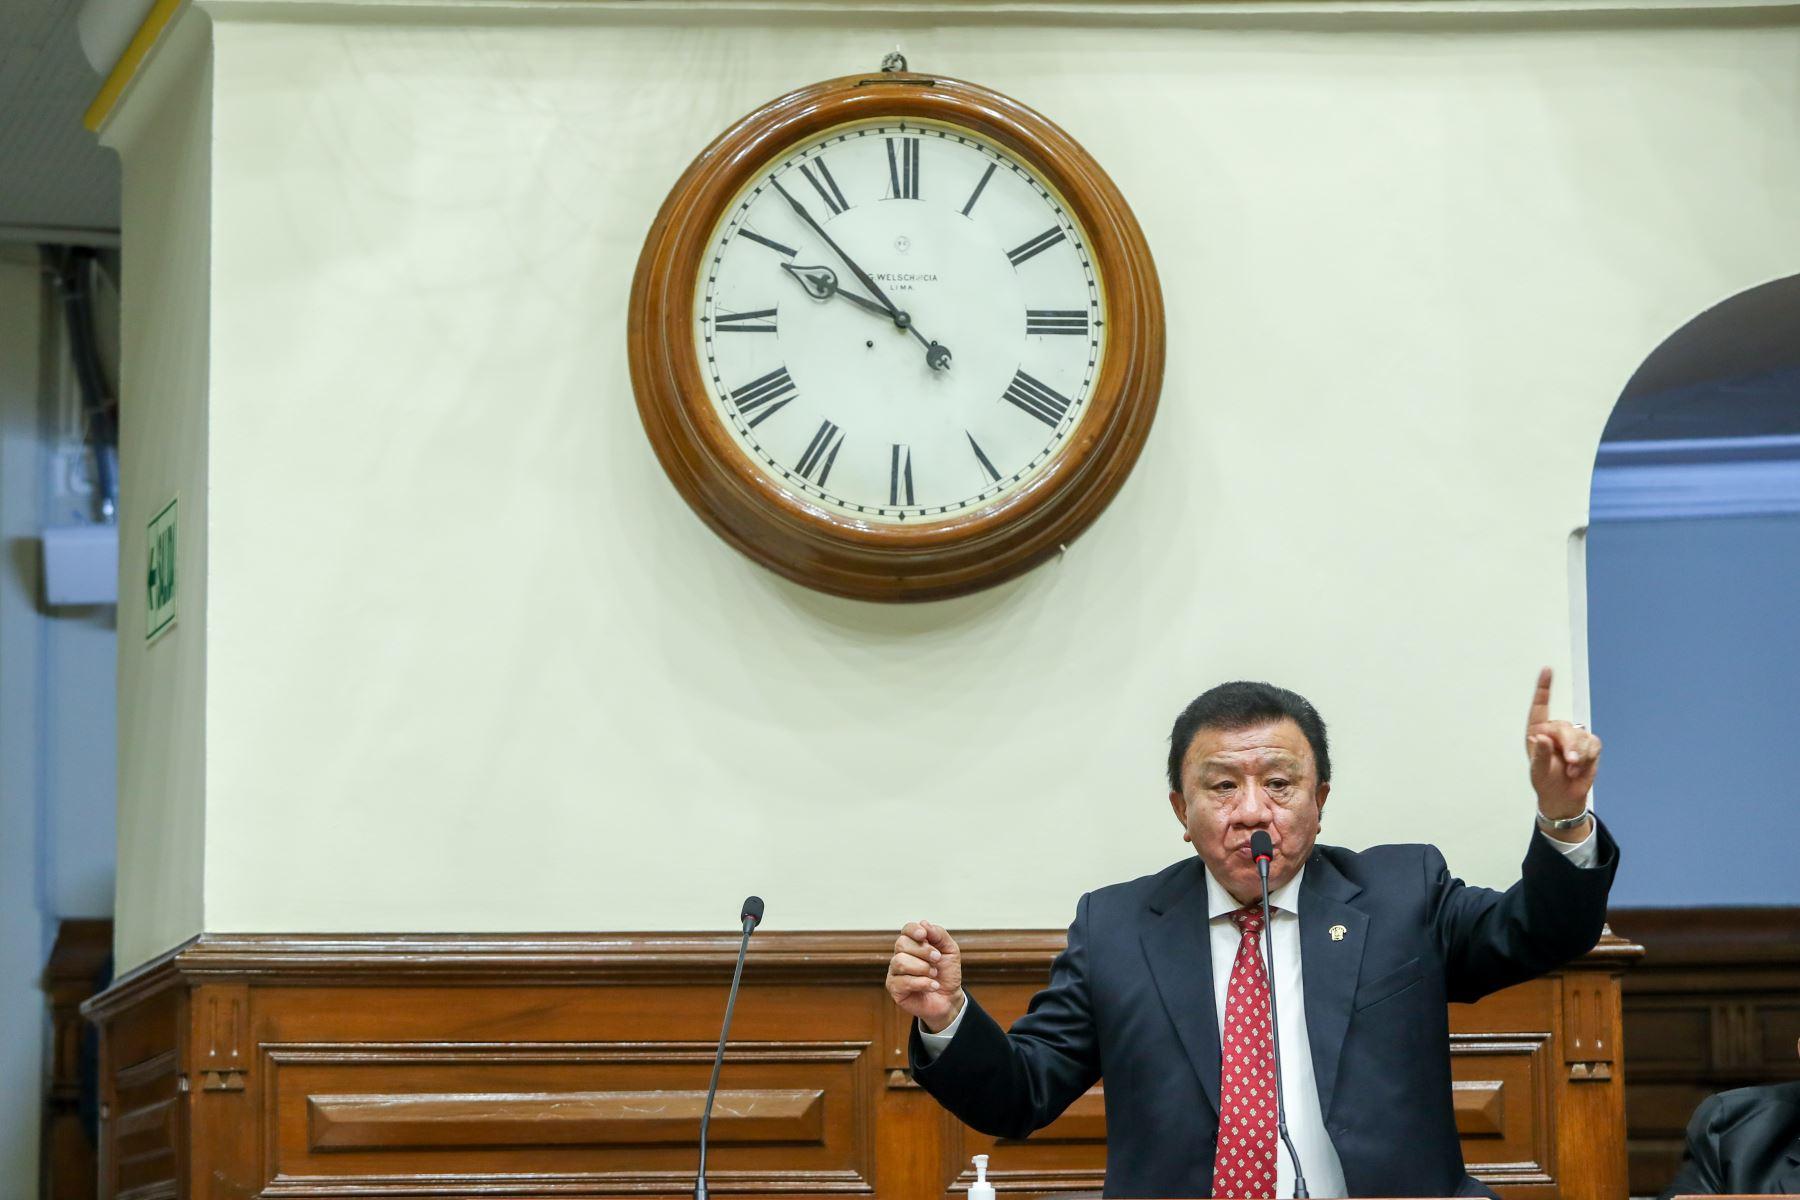 Vicepresidente del Congreso pide a bancadas dejar de lado polarización